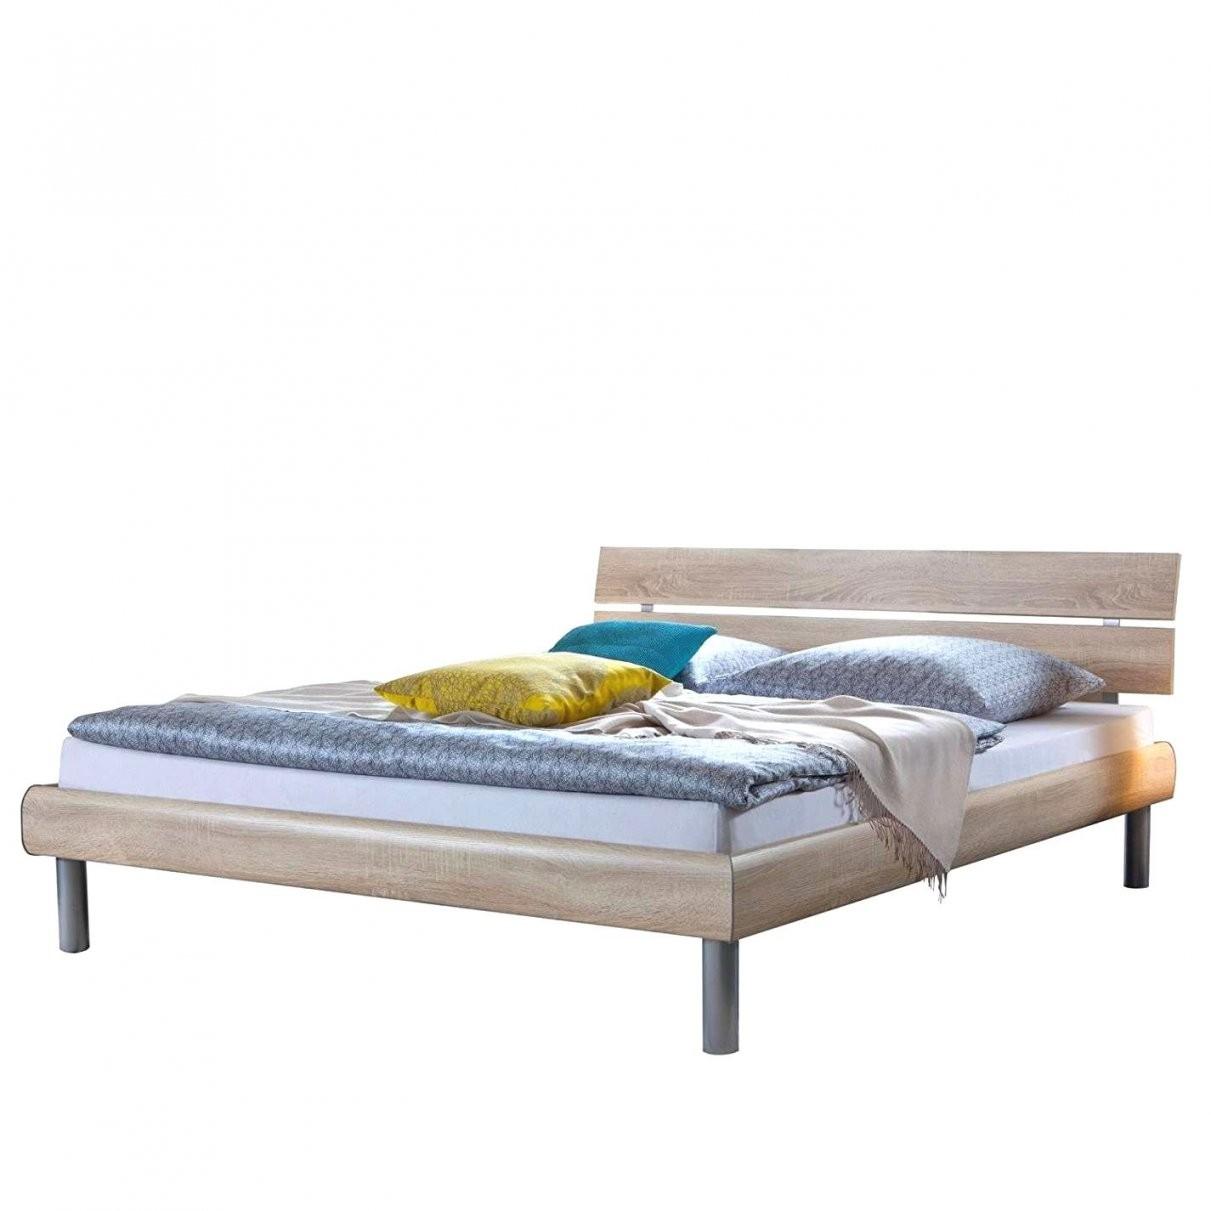 Das Beste Bett Der Welt Innerhalb Betten Komplett Mit Matratze Und von Betten Komplett Mit Matratze Und Lattenrost Bild